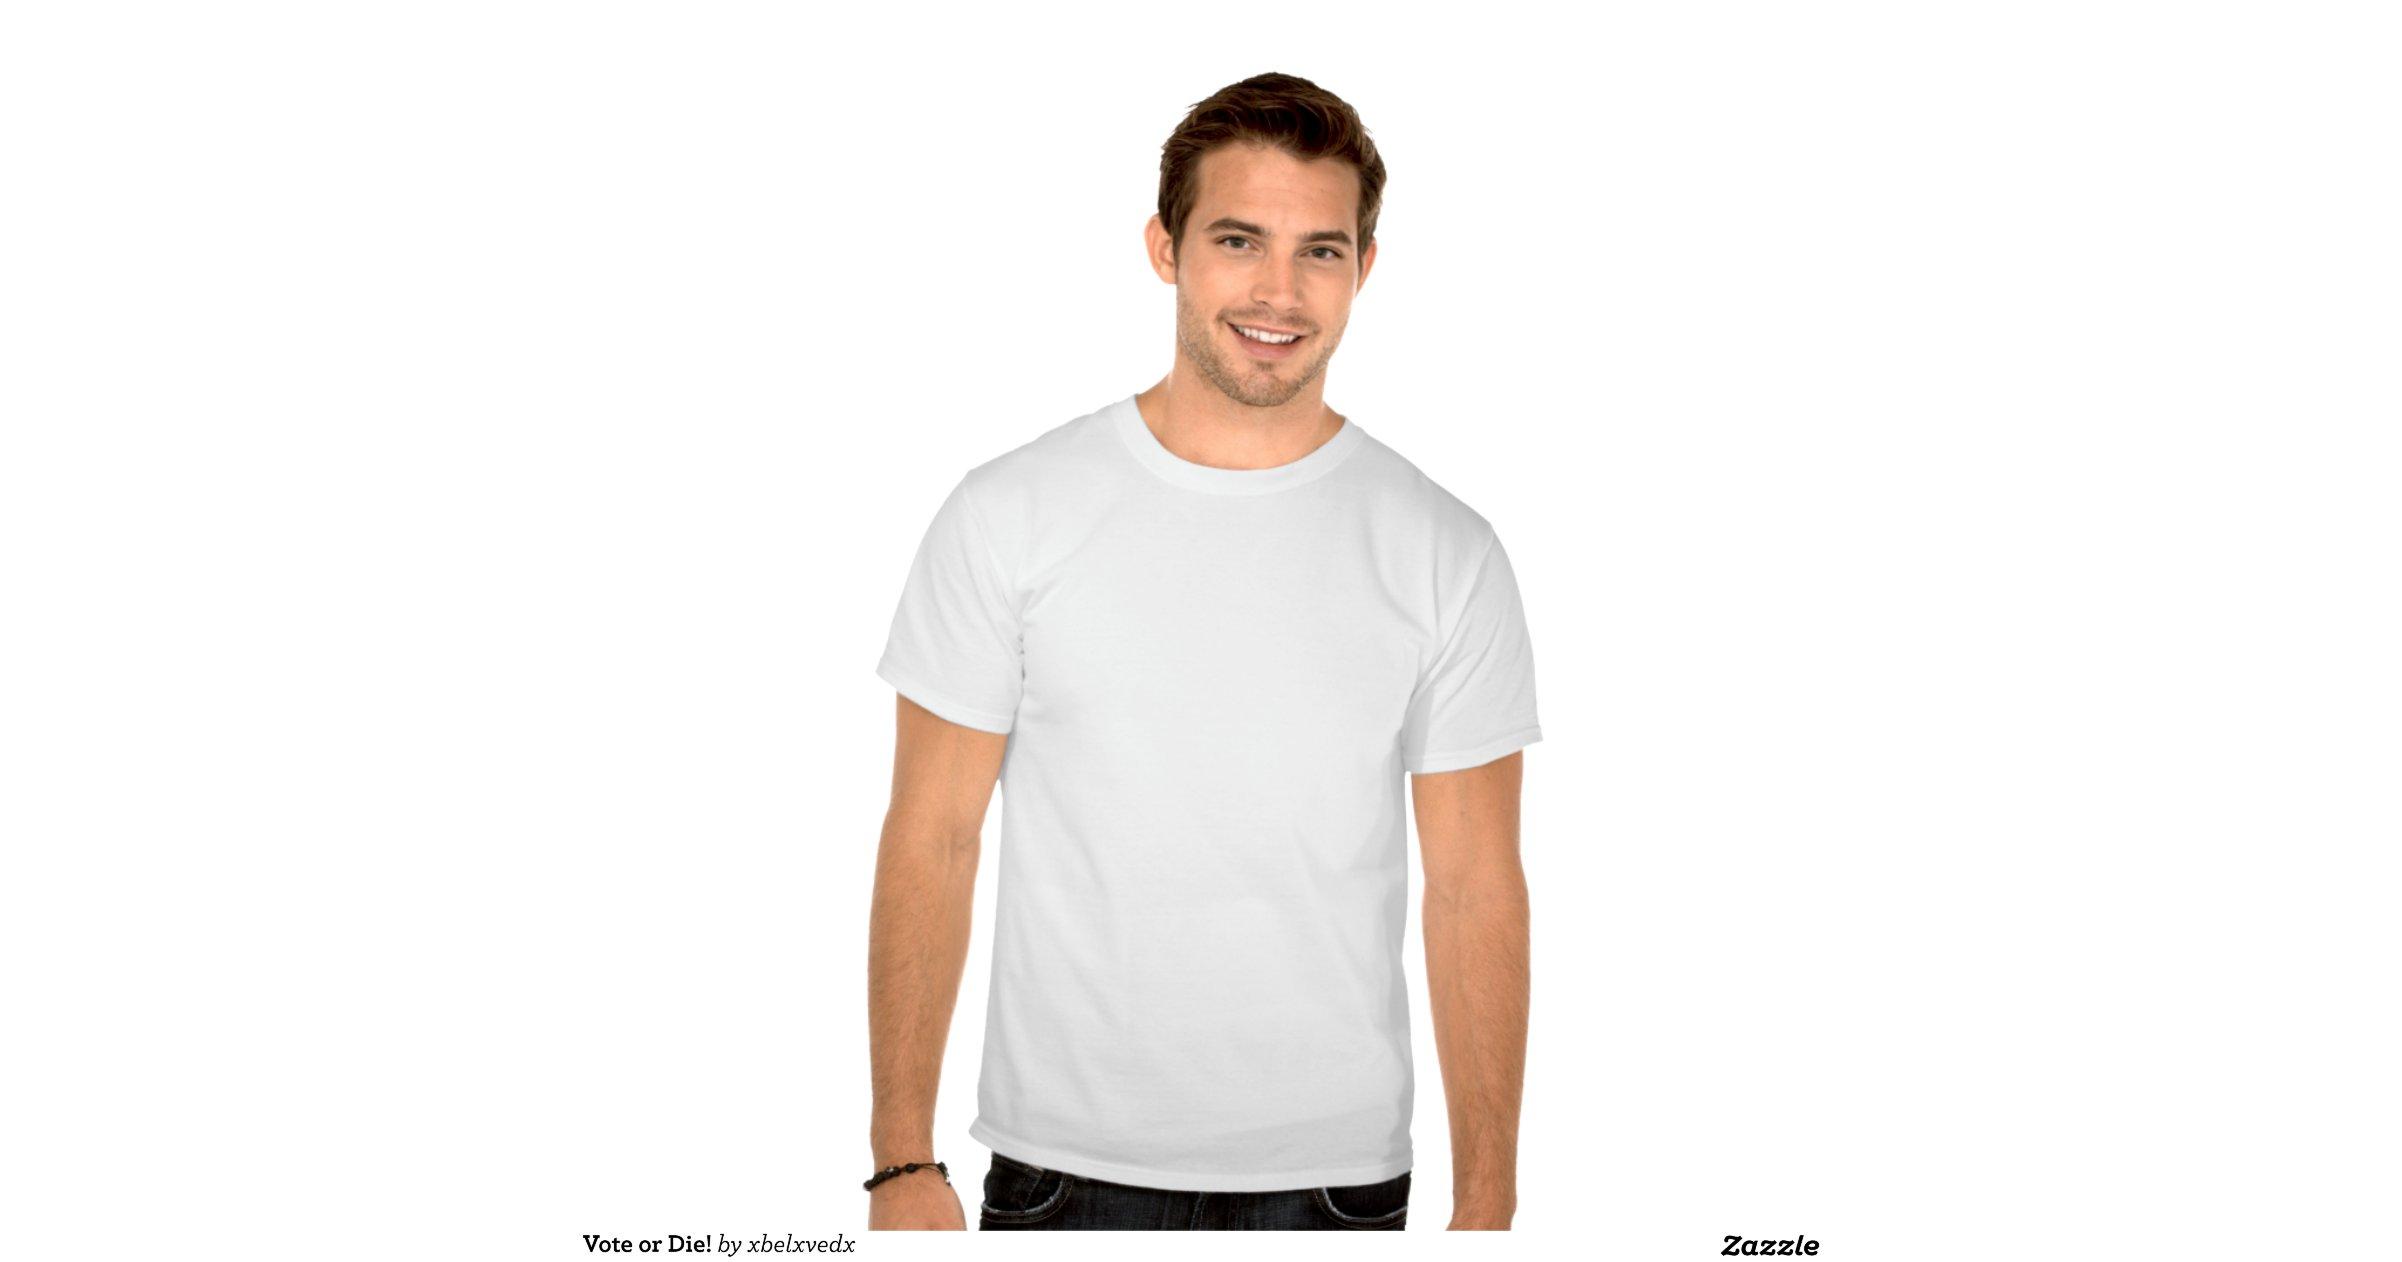 Vote or Die Shirt Vote or Die Tee Shirt |